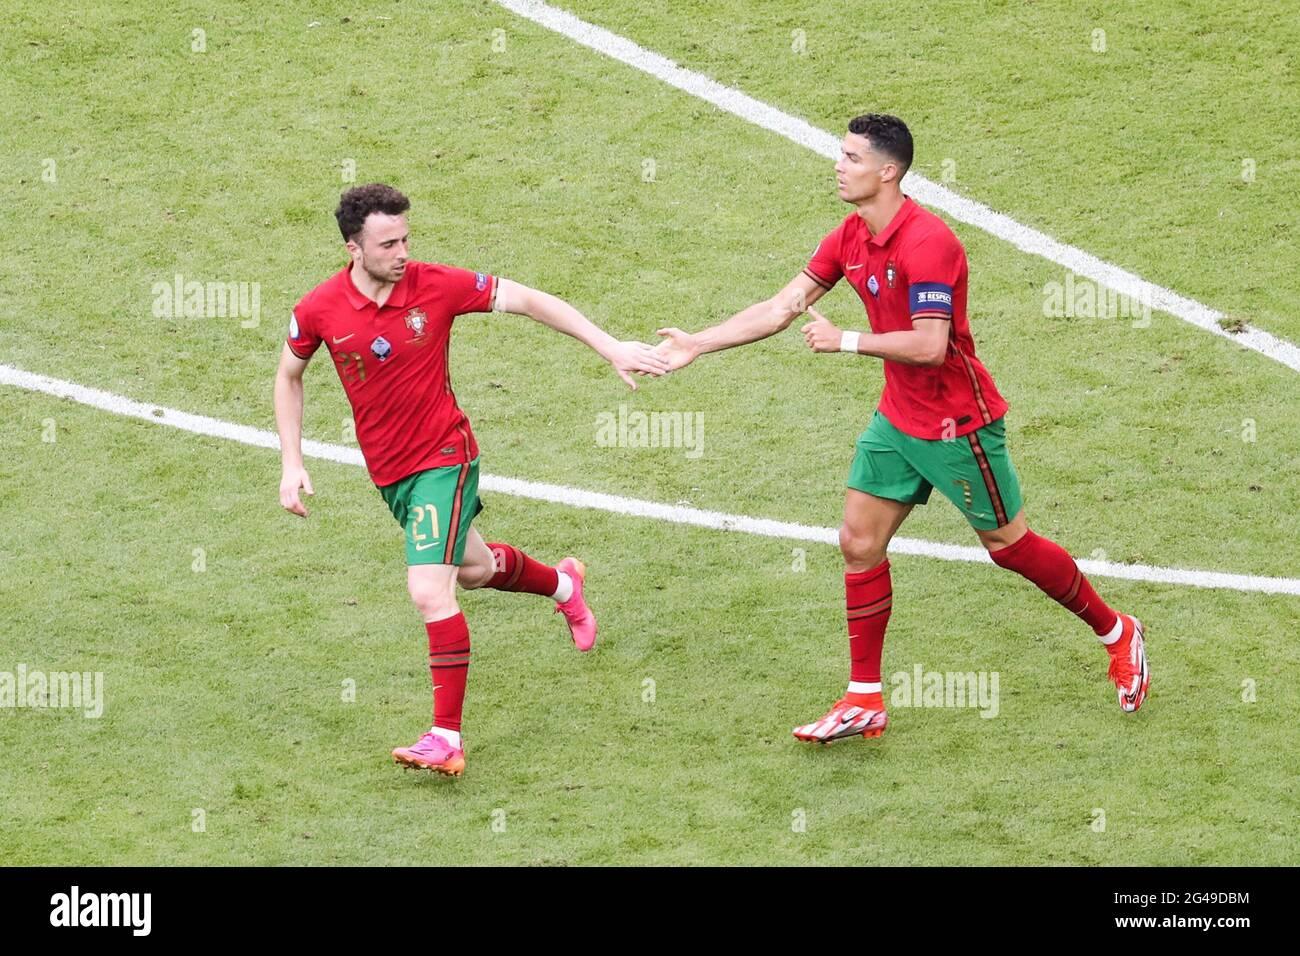 Munich, Allemagne. 19 juin 2021. Diogo Jota (L) du Portugal célèbre ses scores avec son coéquipier Cristiano Ronaldo lors du match de championnat F de l'UEFA Euro 2020 entre le Portugal et l'Allemagne à Munich, en Allemagne, le 19 juin 2021. Credit: Shan Yuqi/Xinhua/Alay Live News Banque D'Images